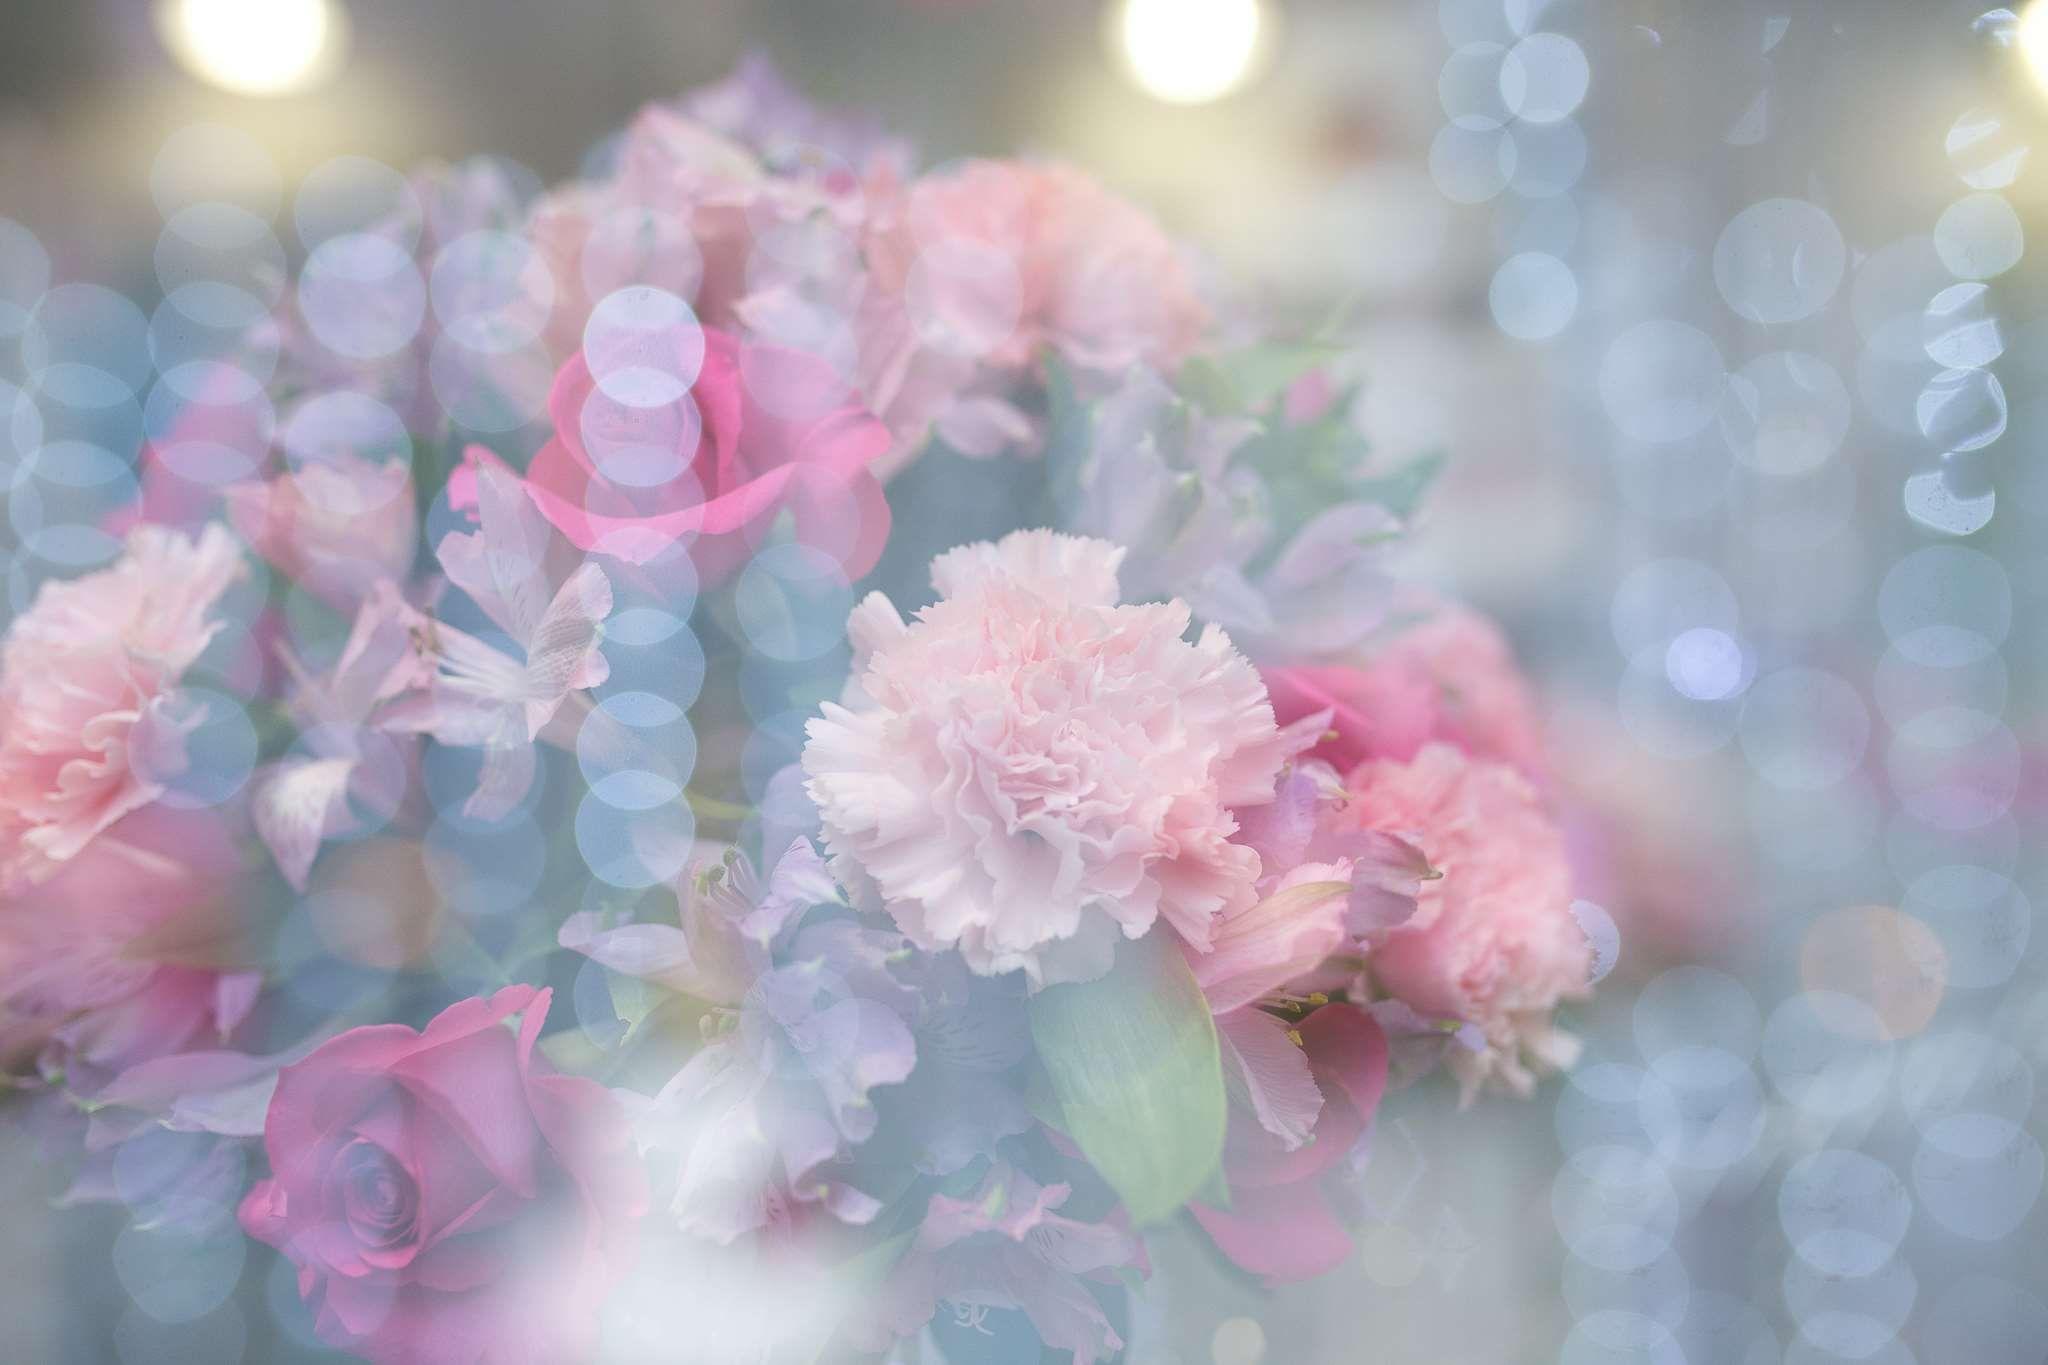 Beautiful beautiful flowers bloom blooming blossom blur bokeh beautiful beautiful flowers bloom blooming blossom blur bokeh izmirmasajfo